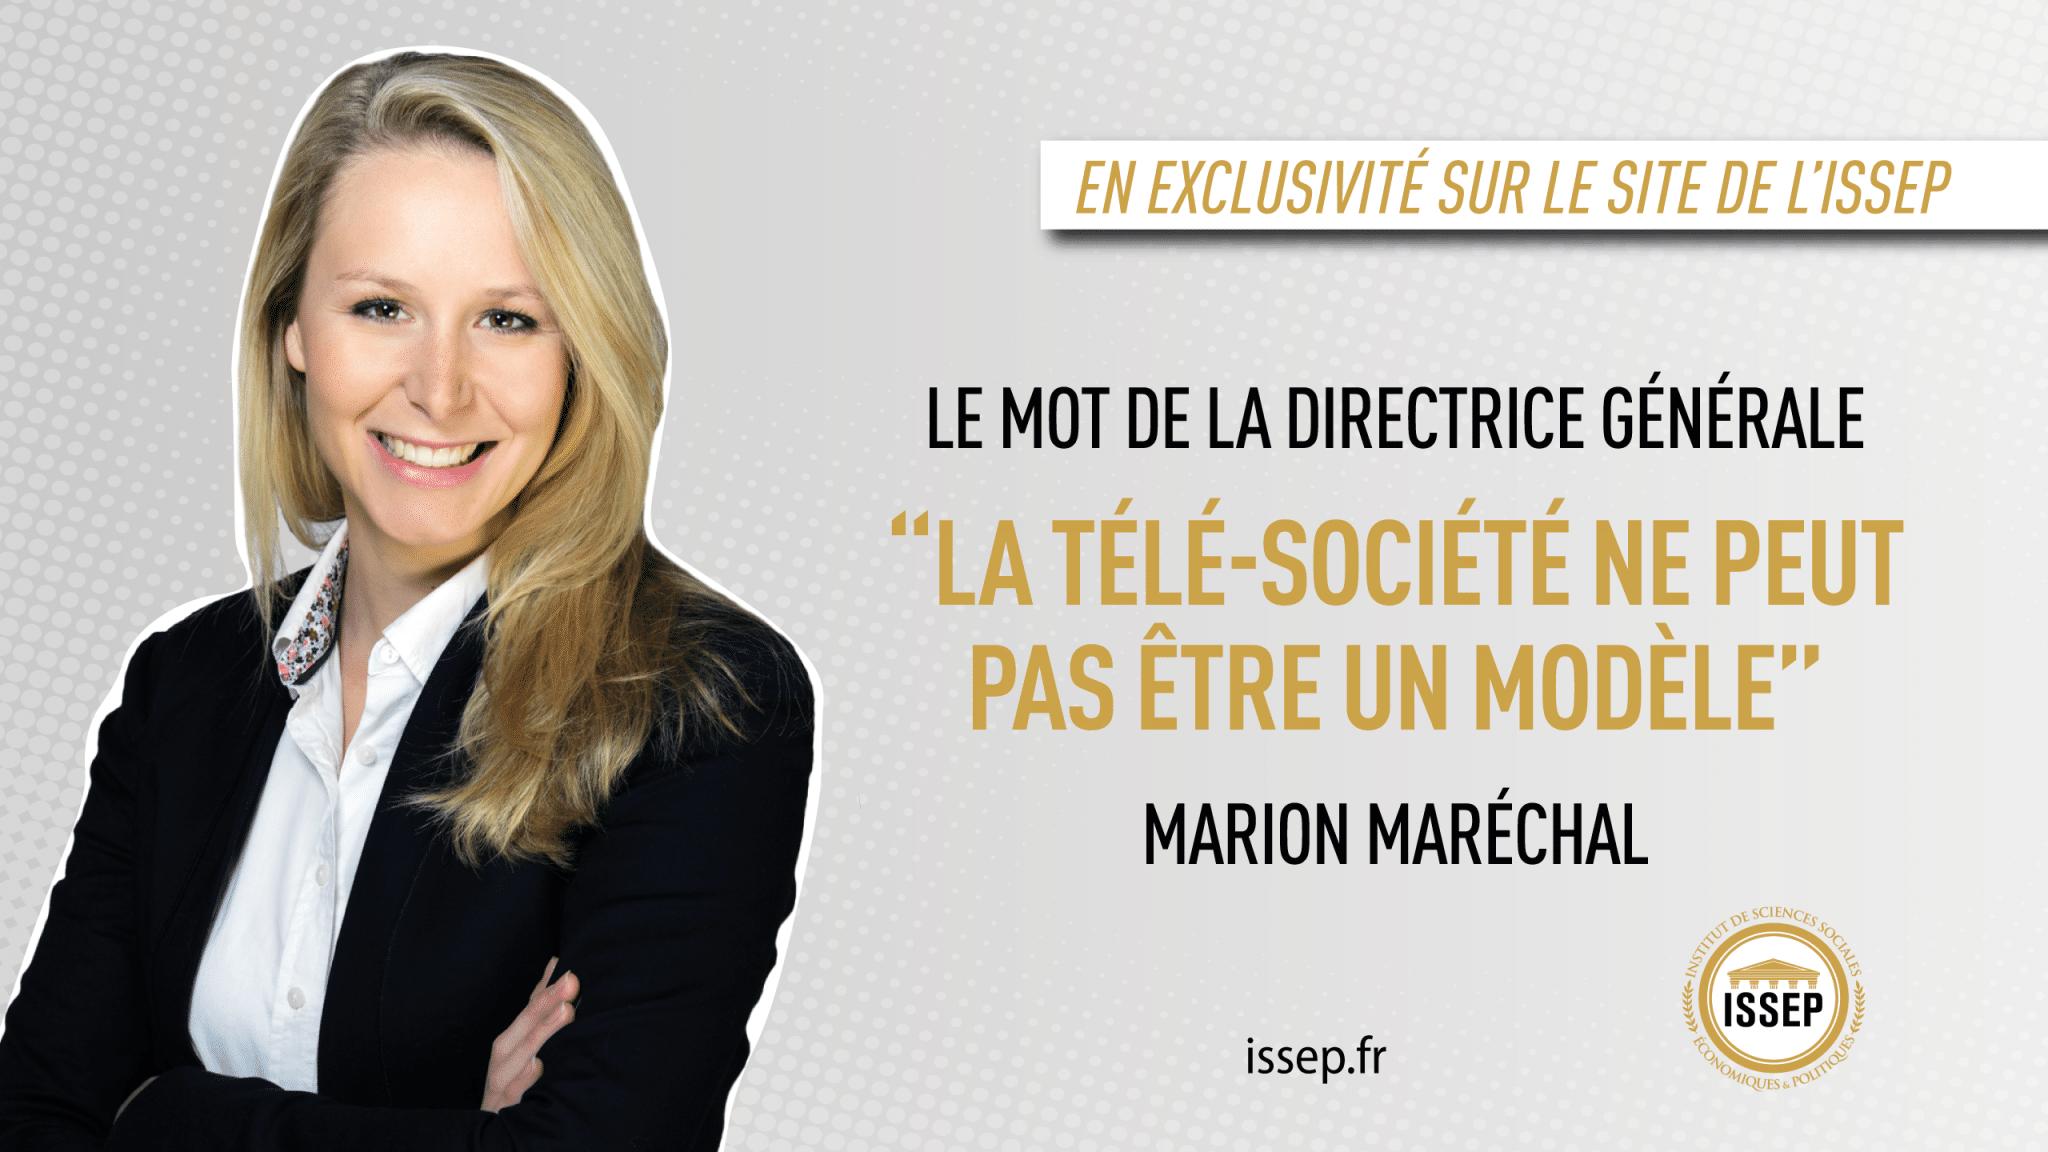 La télé-société ne peut pas être un modèle - Le mot de Marion Maréchal